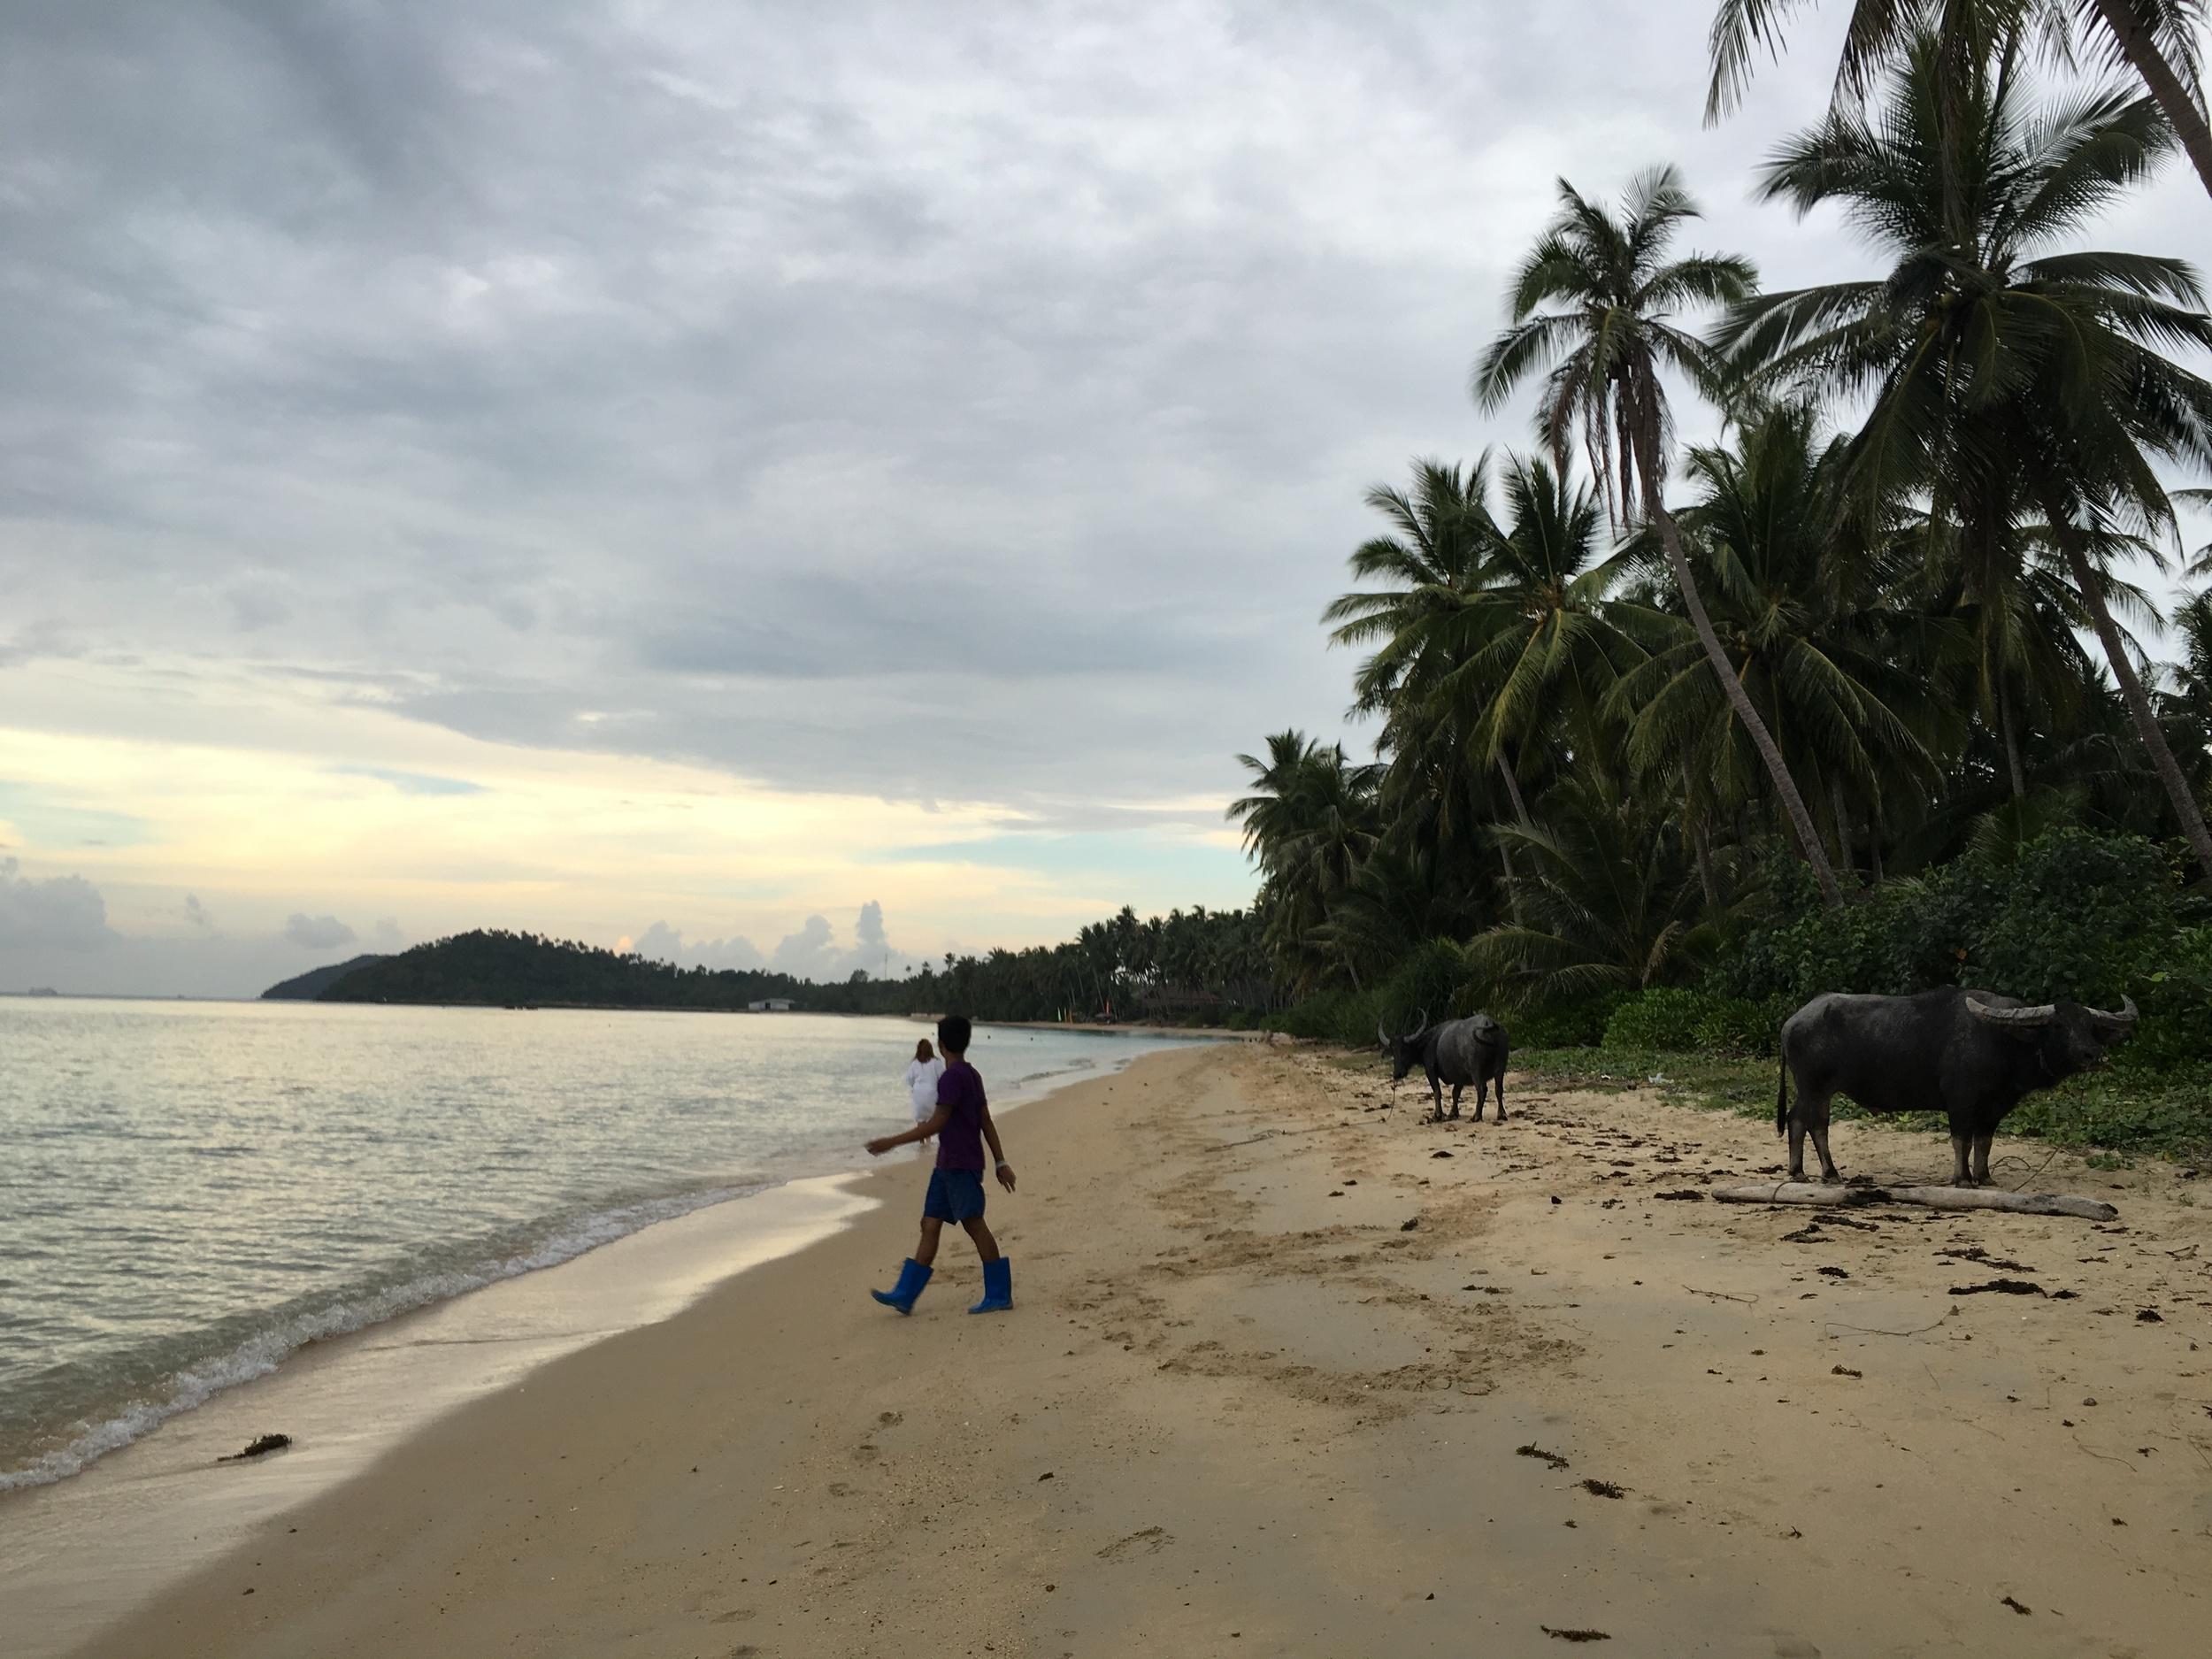 Buffalo on beach